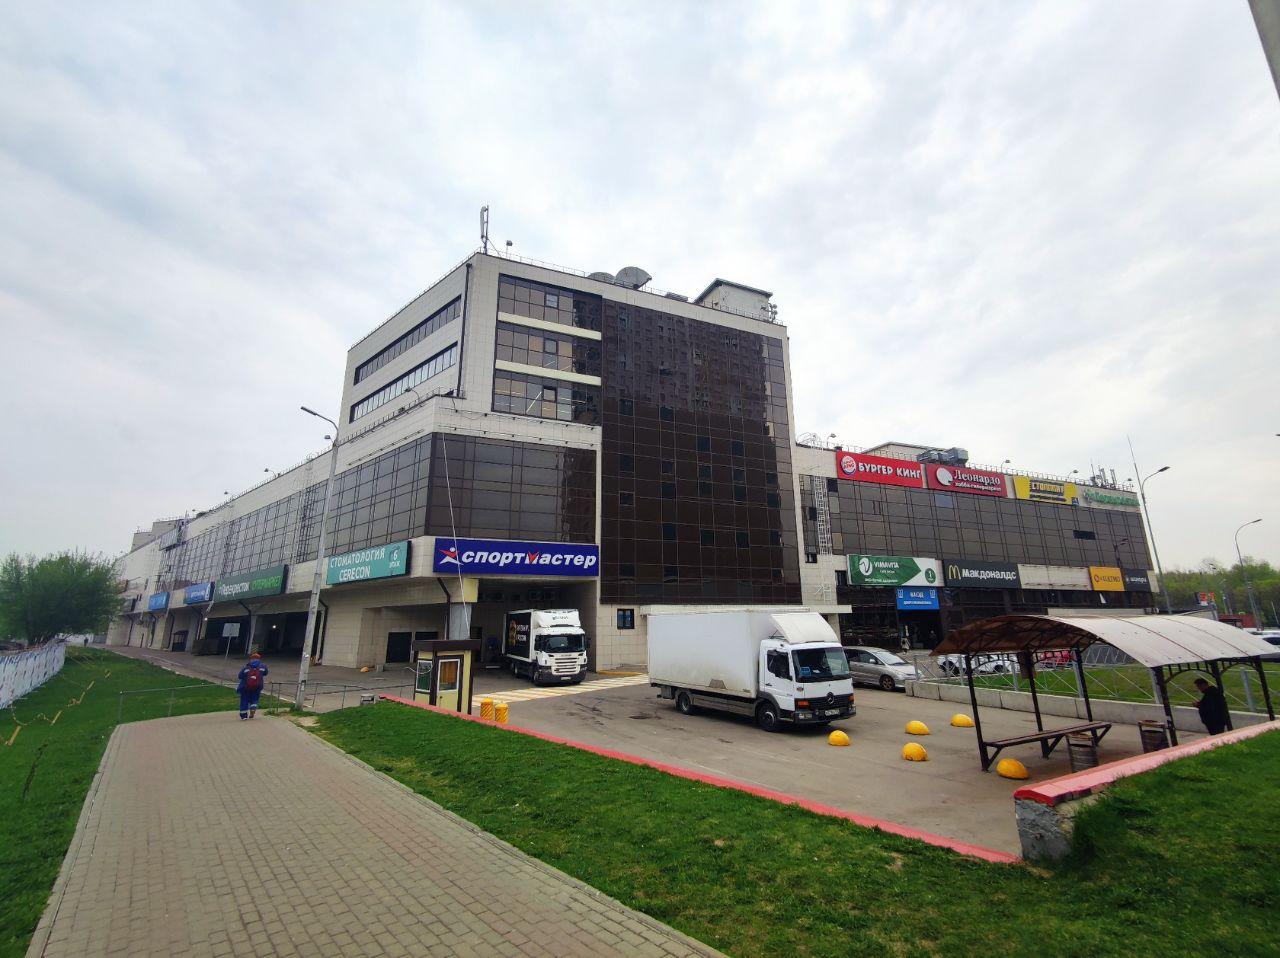 Торгово-развлекательном центре Мегаполис